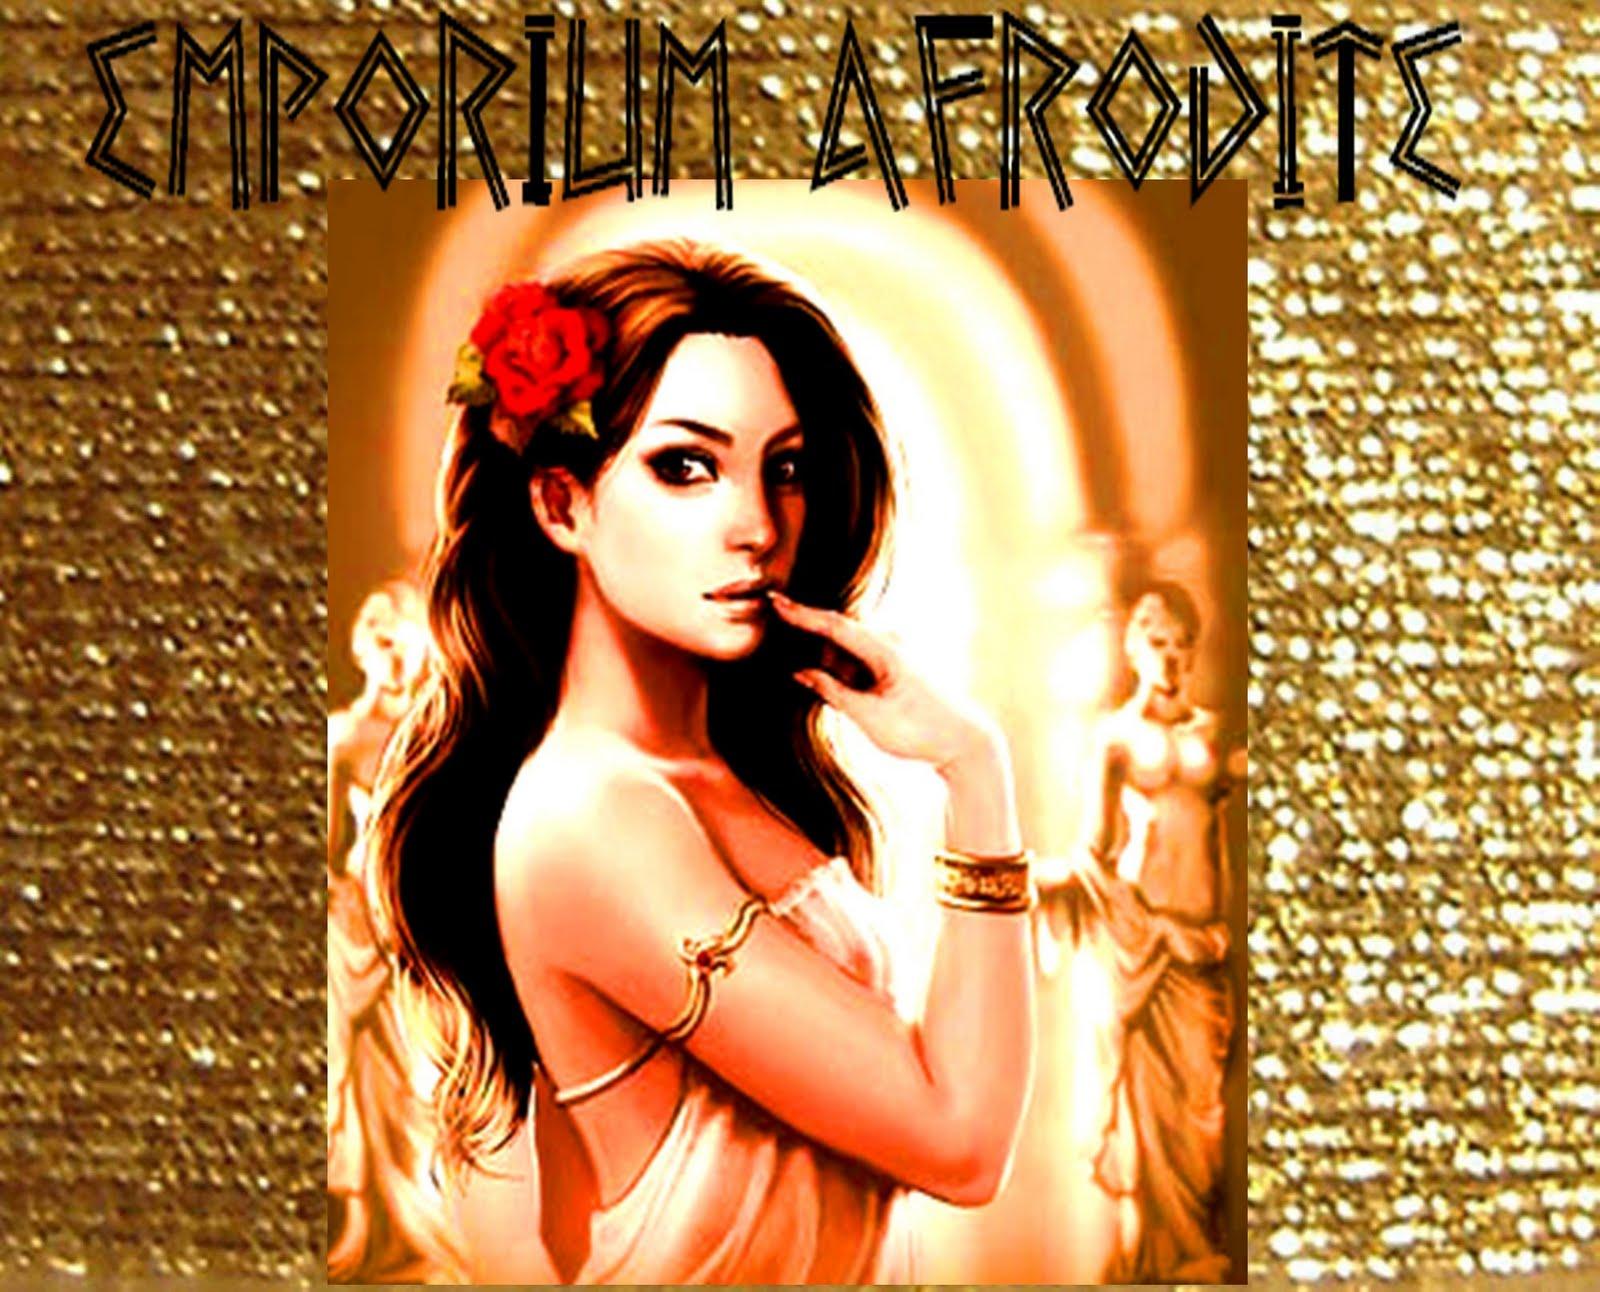 Emporium Afrodite